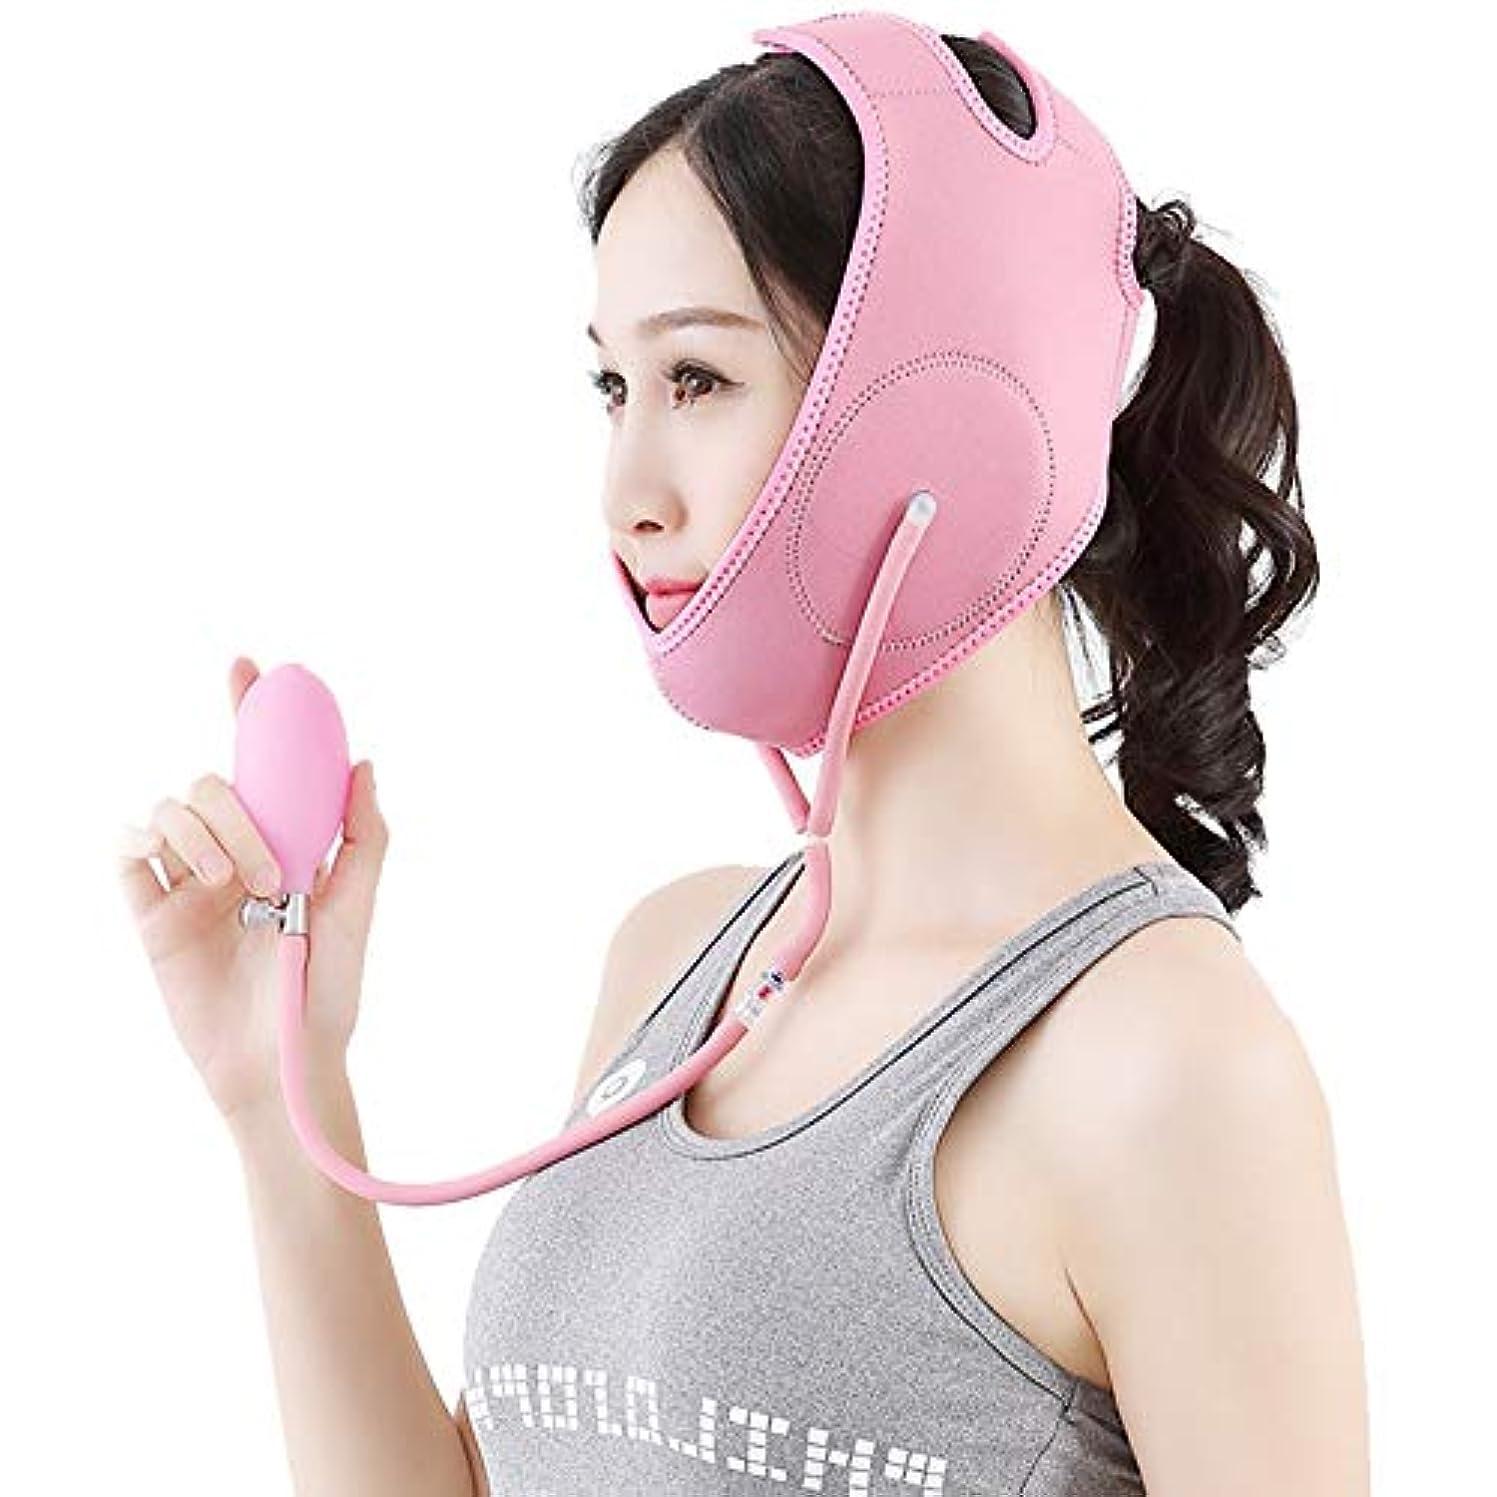 地味なに対してくちばしXINGZHE フェイシャルリフティング痩身ベルトダブルエアバッグ圧力調整フェイス包帯マスク整形マスクが顔を引き締める フェイスリフティングベルト (色 : ピンク, サイズ さいず : M)